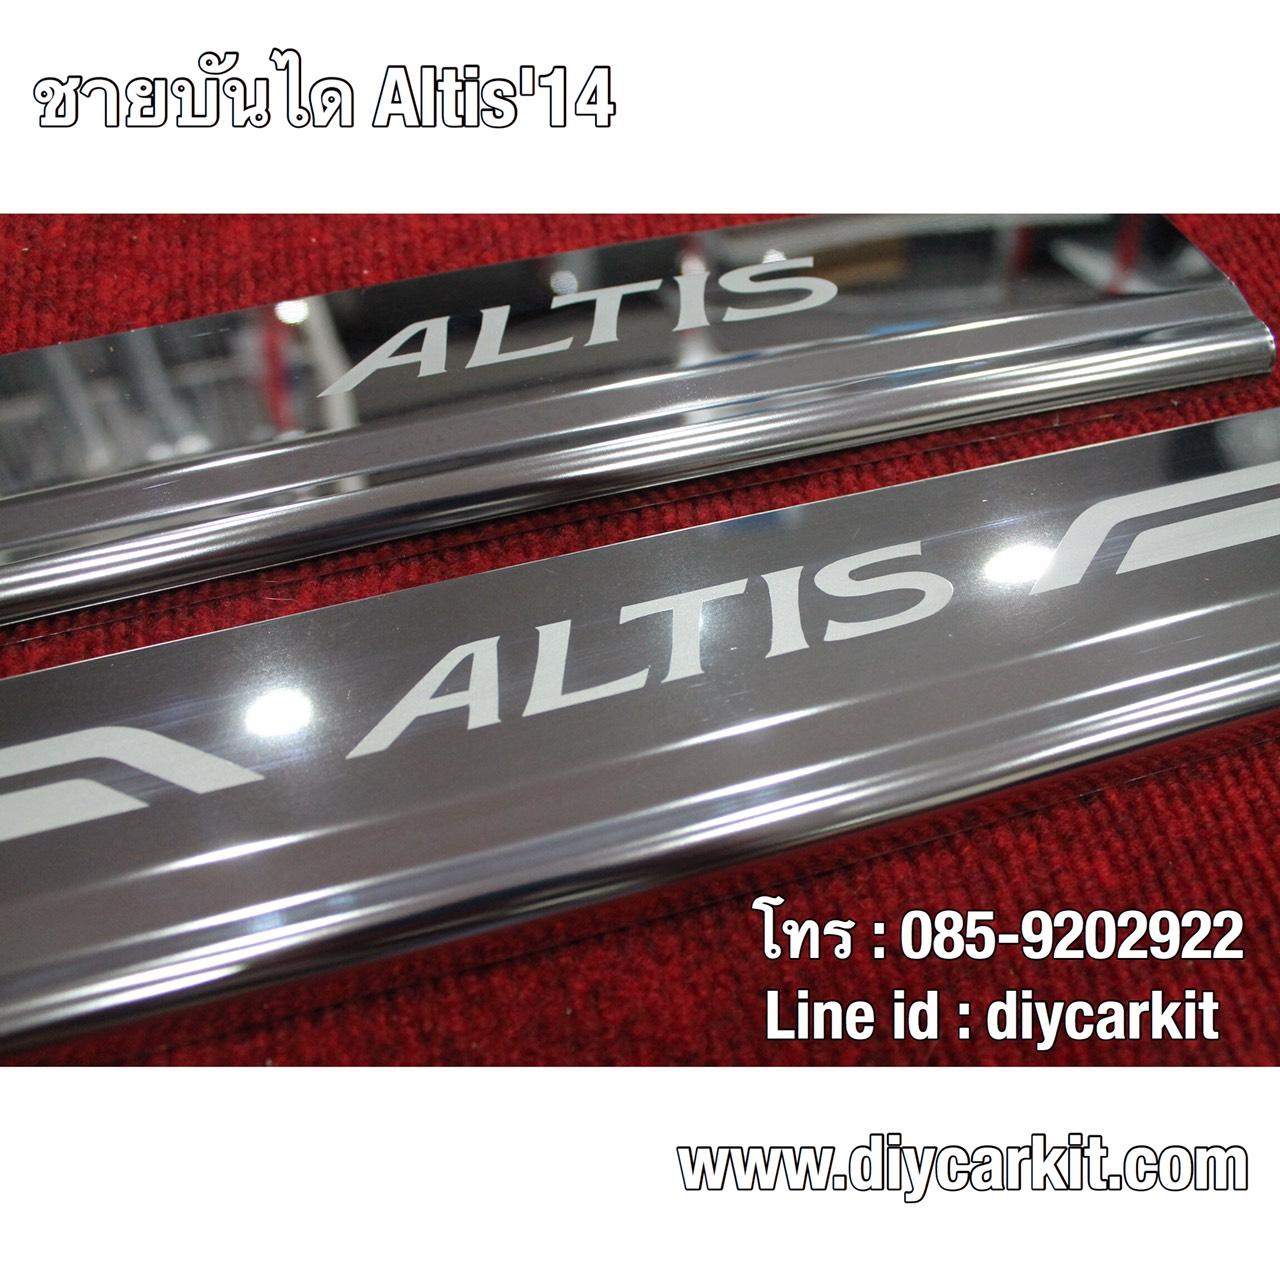 ชายบันได(สคัพเพลท)New Altis 2014